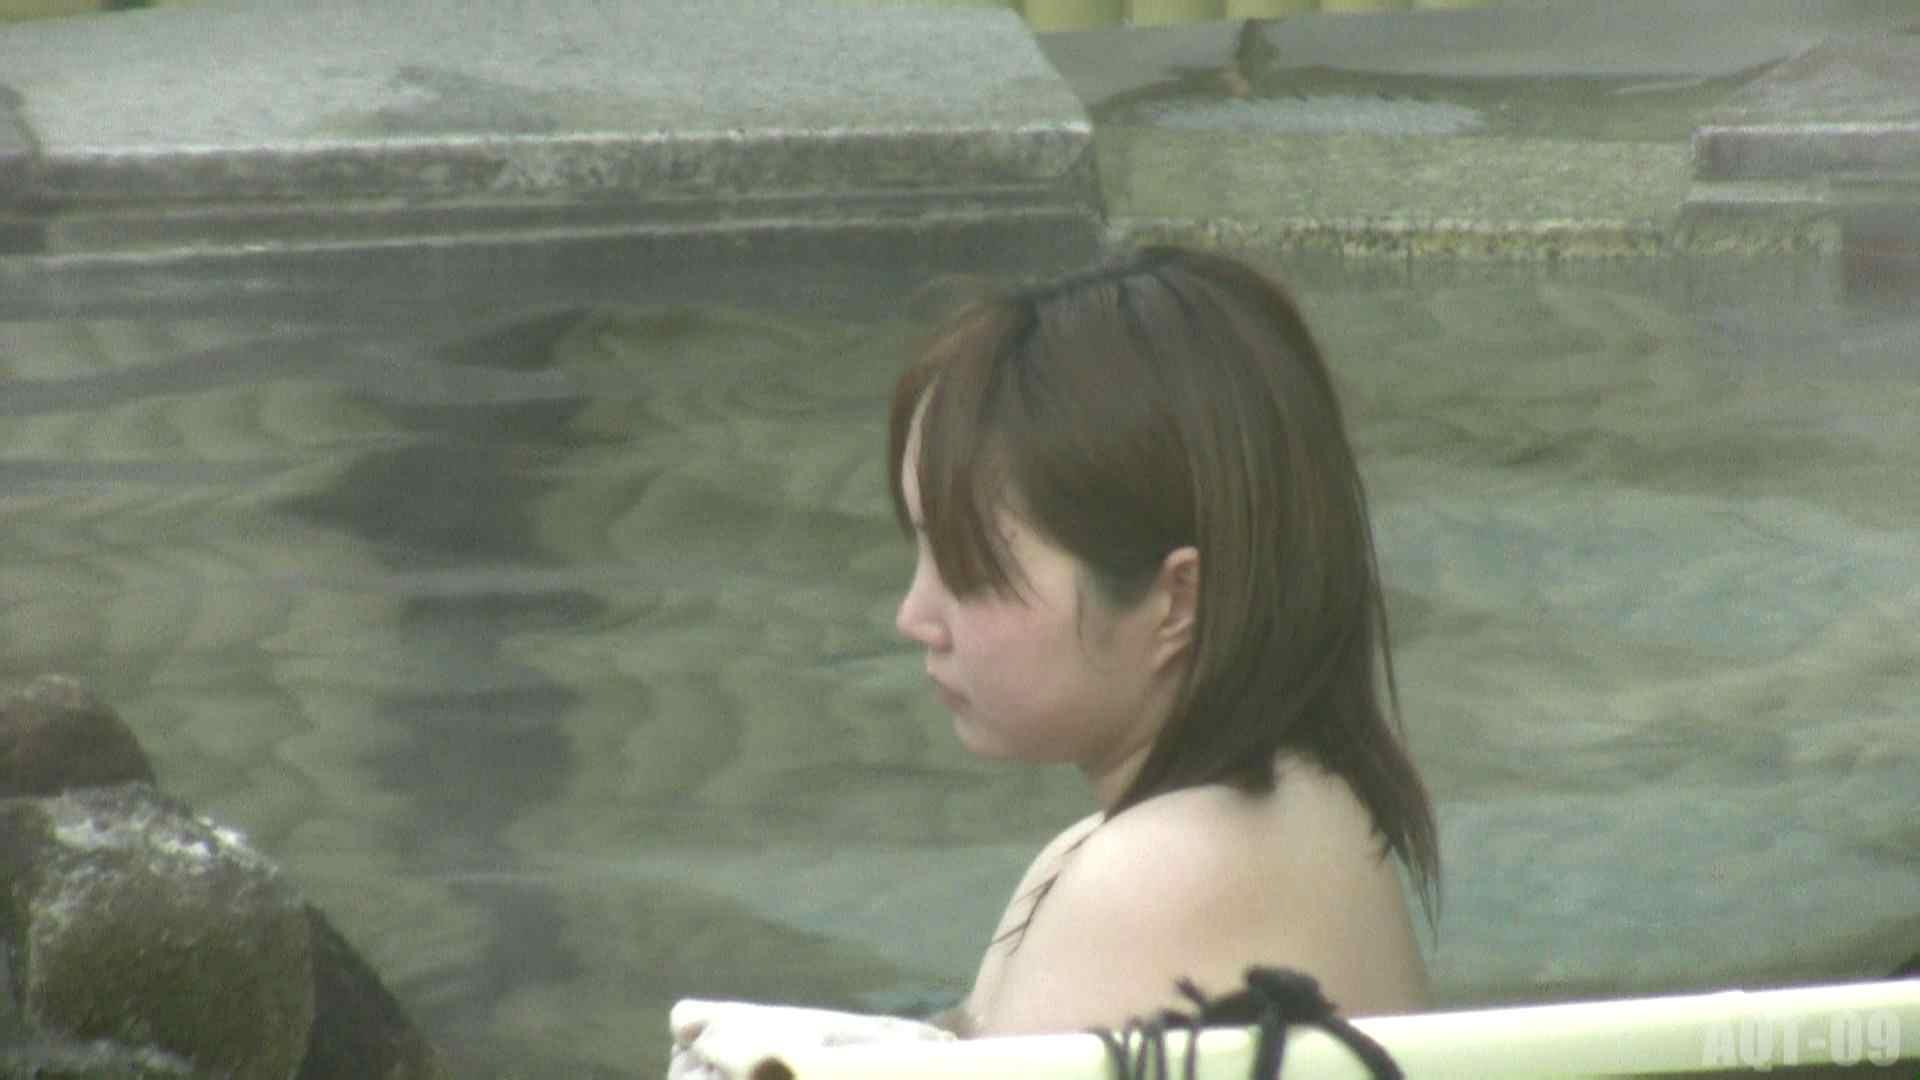 Aquaな露天風呂Vol.781 露天風呂  93連発 36